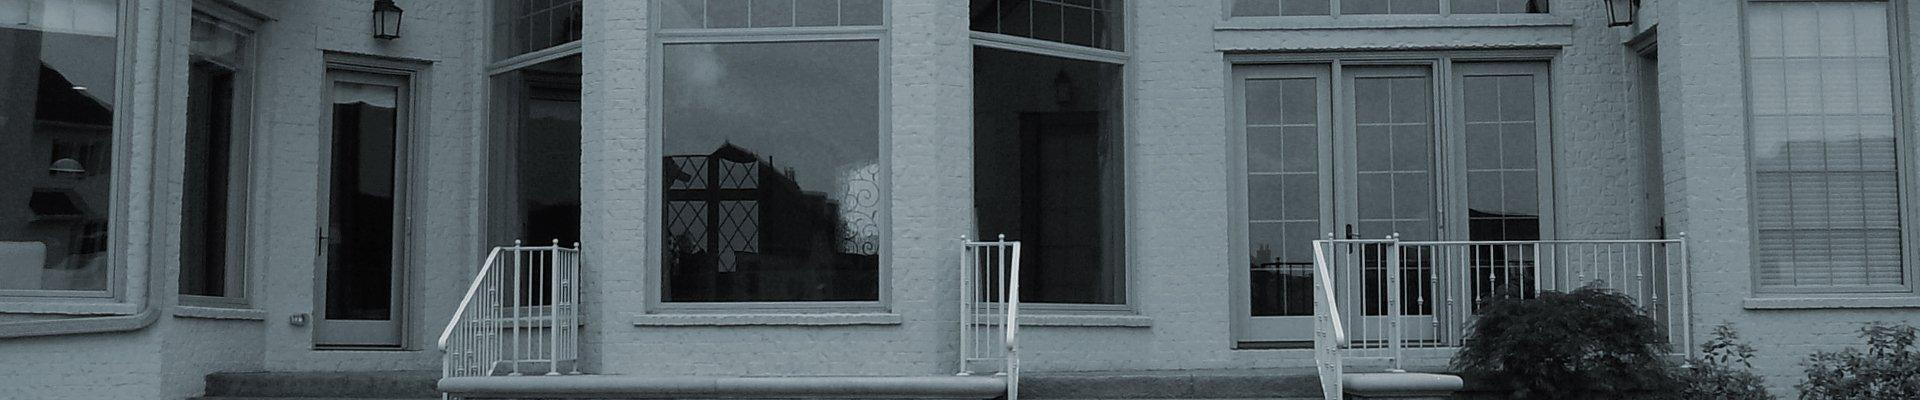 Residential Solar Film